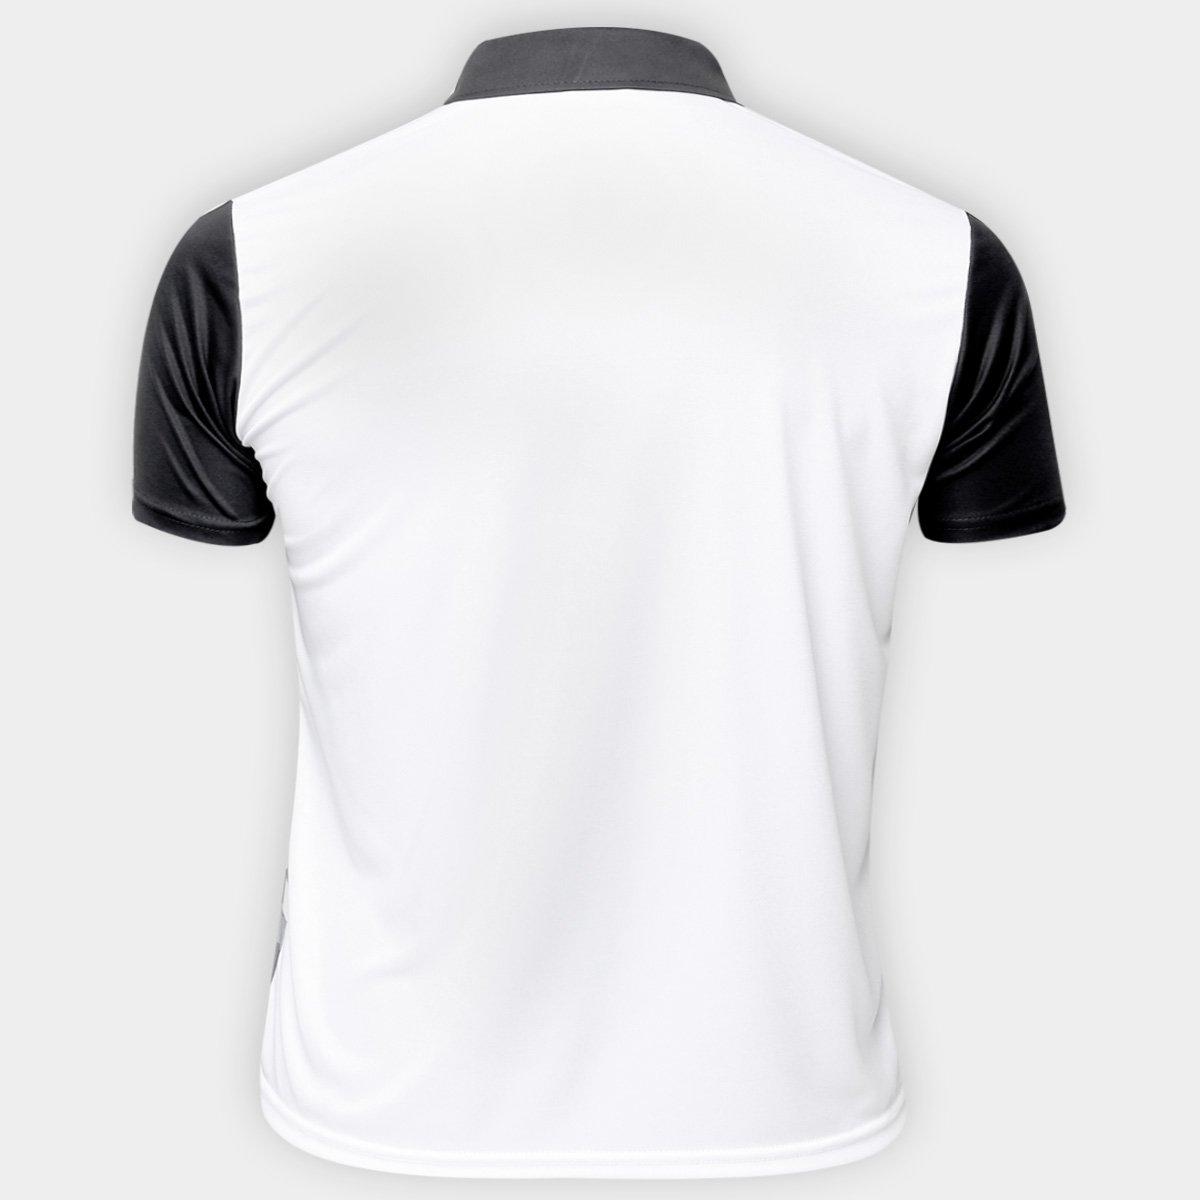 985ce91f97 Camisa Polo Santos Zito 17 Masculina - Compre Agora